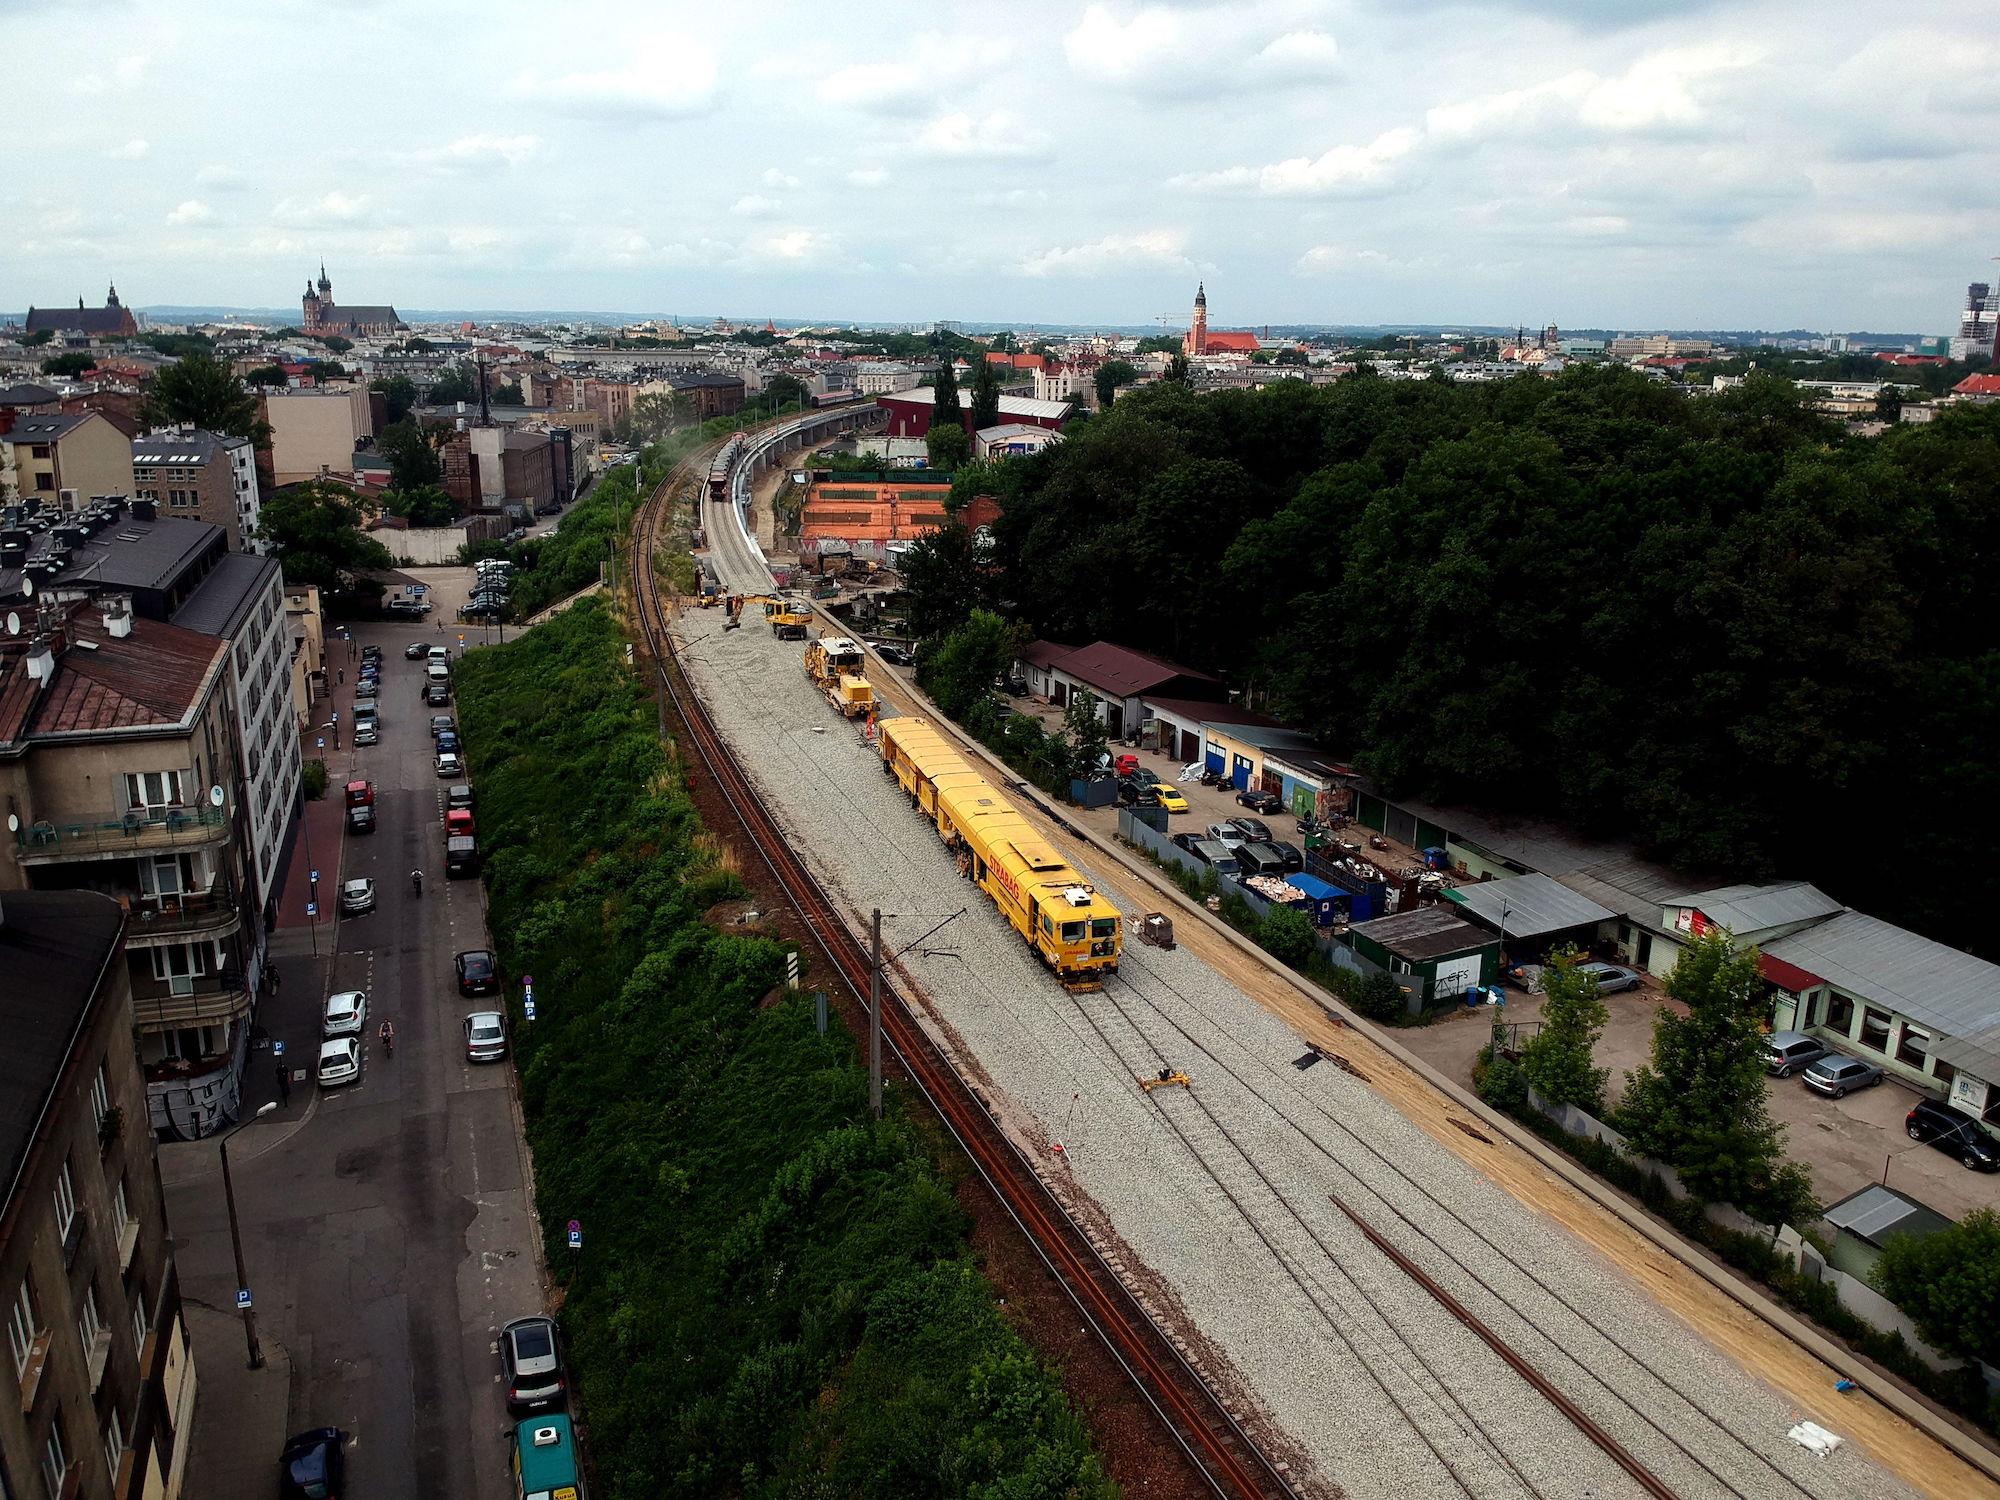 Zdjęcie lokomotywy na torach na estakadach w centrum Krakowa.